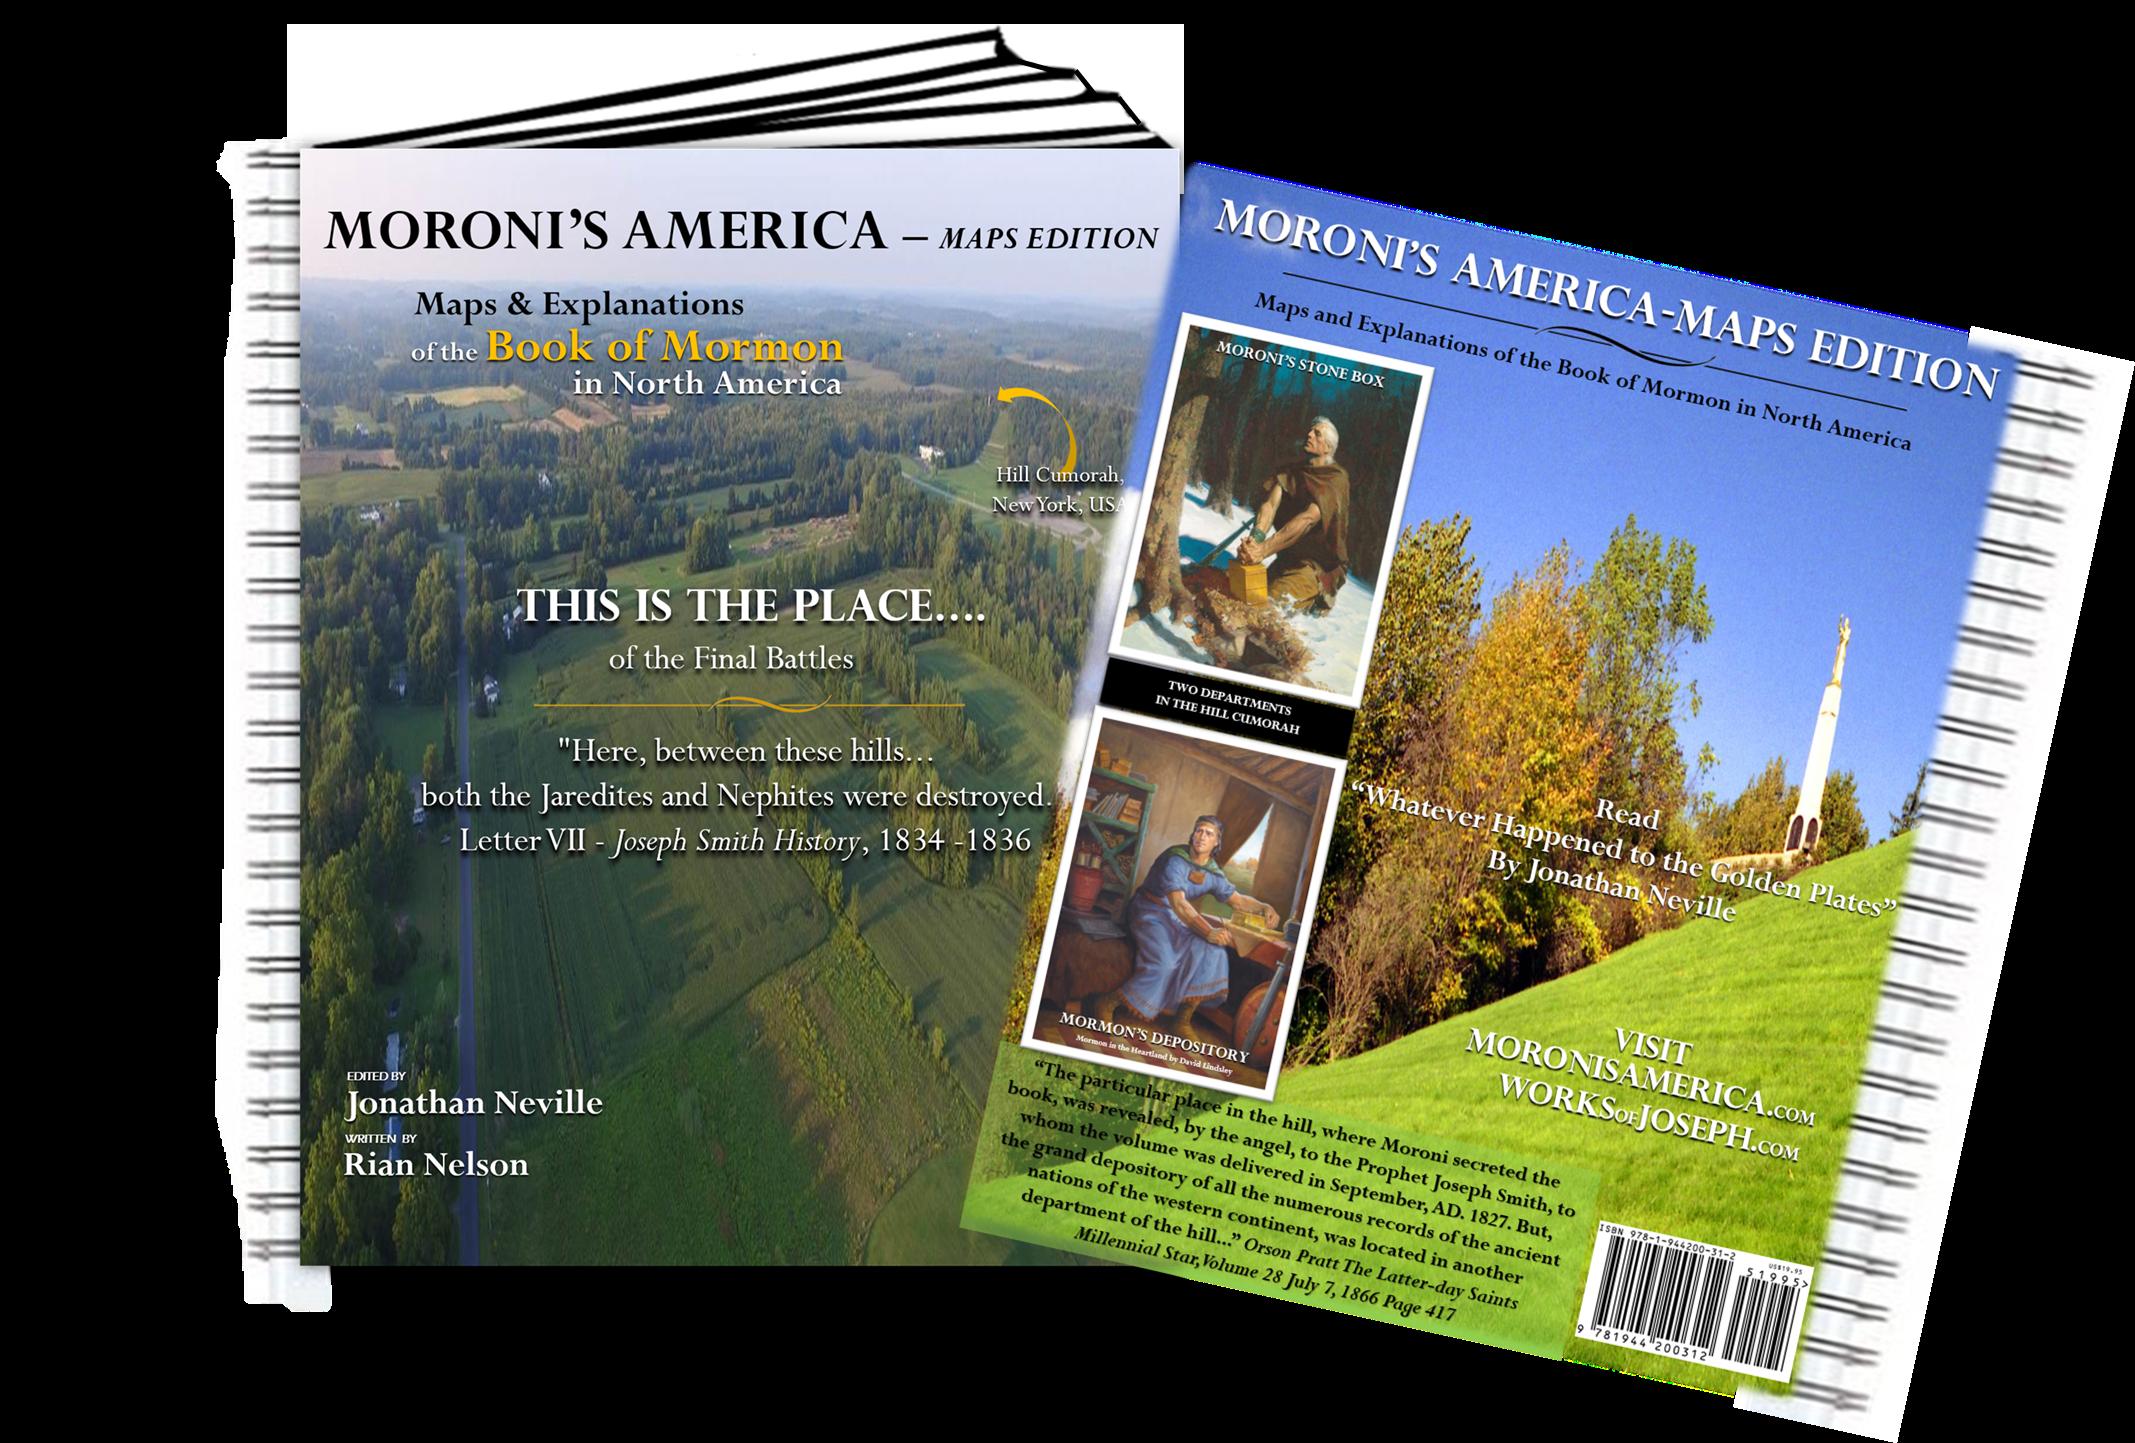 Hills clipart plain landscape. Book of mormon evidence